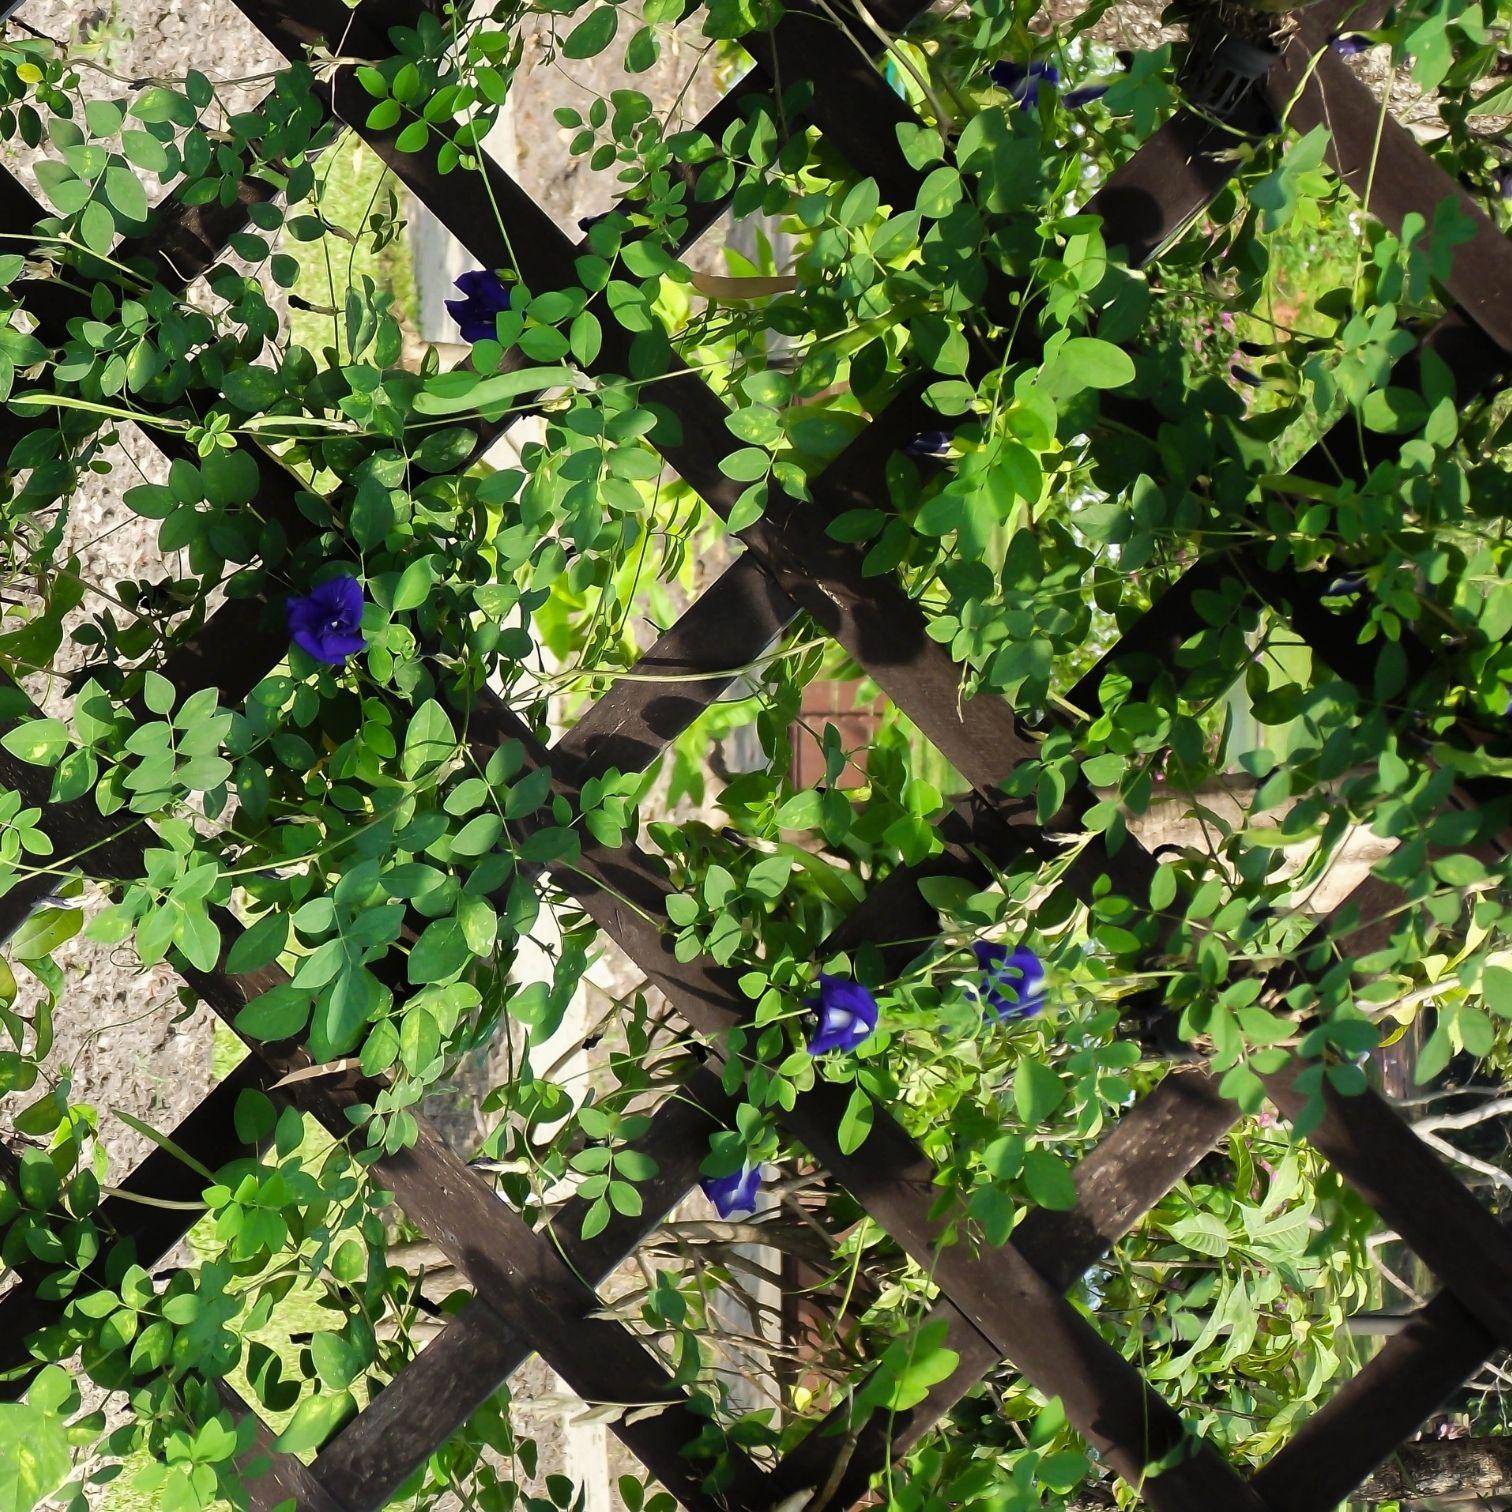 קירות ירוקים | צמחייה חיה | צמחייה מלאכותית